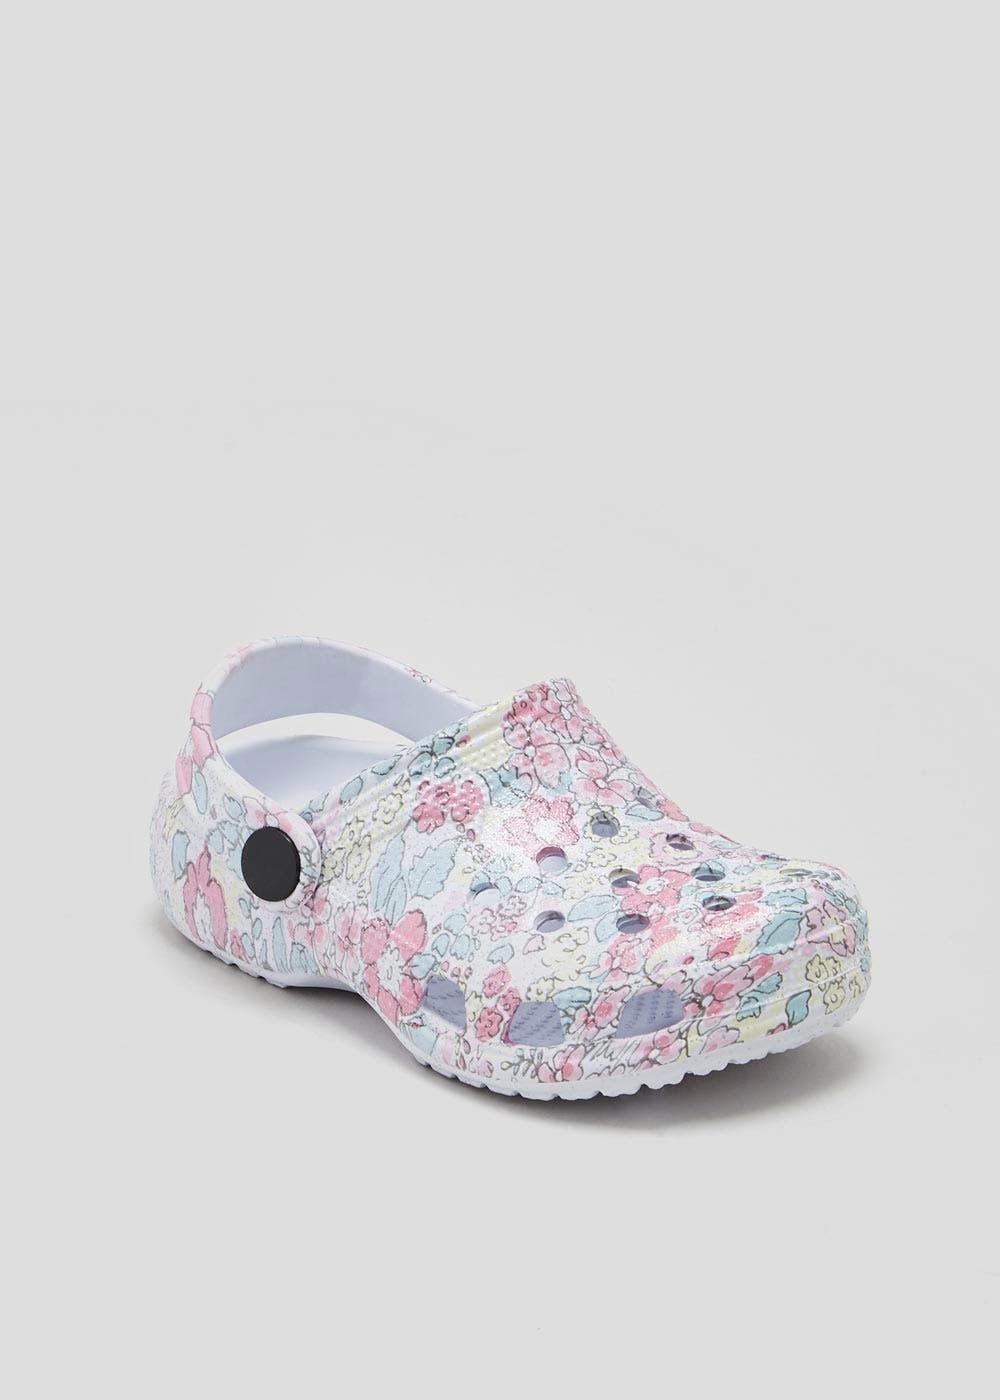 3641d3ecd04 Girls Floral Slip On Clog Sandals (Younger 4-12) – Pastel Pink –